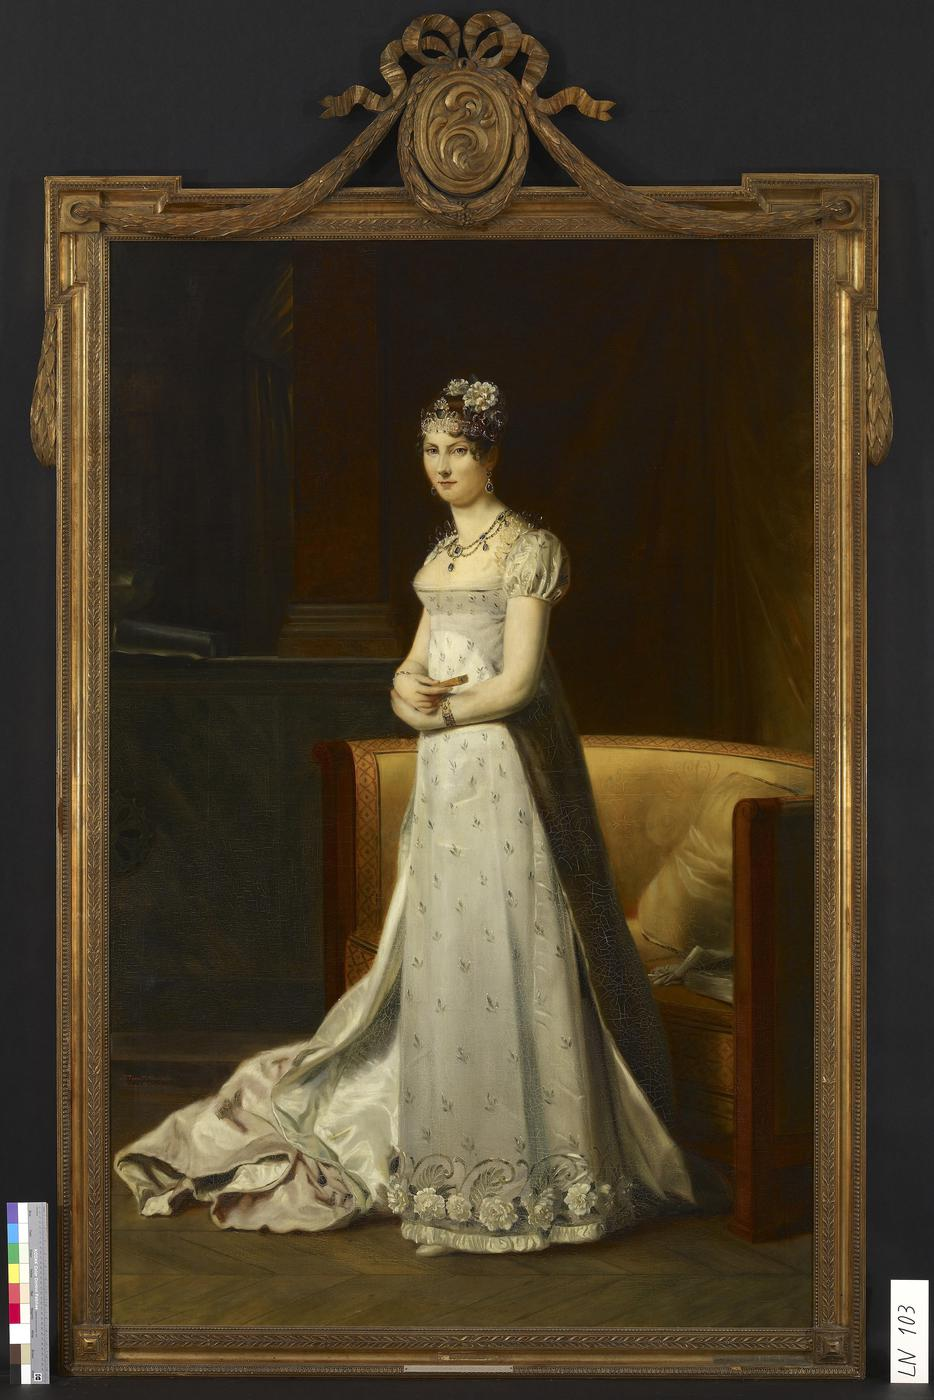 Im Brautkleid: Das berühmteste Bildnis der Großherzogin Stéphanie zeigt sie in dem Gewand, in dem sie heiratete.